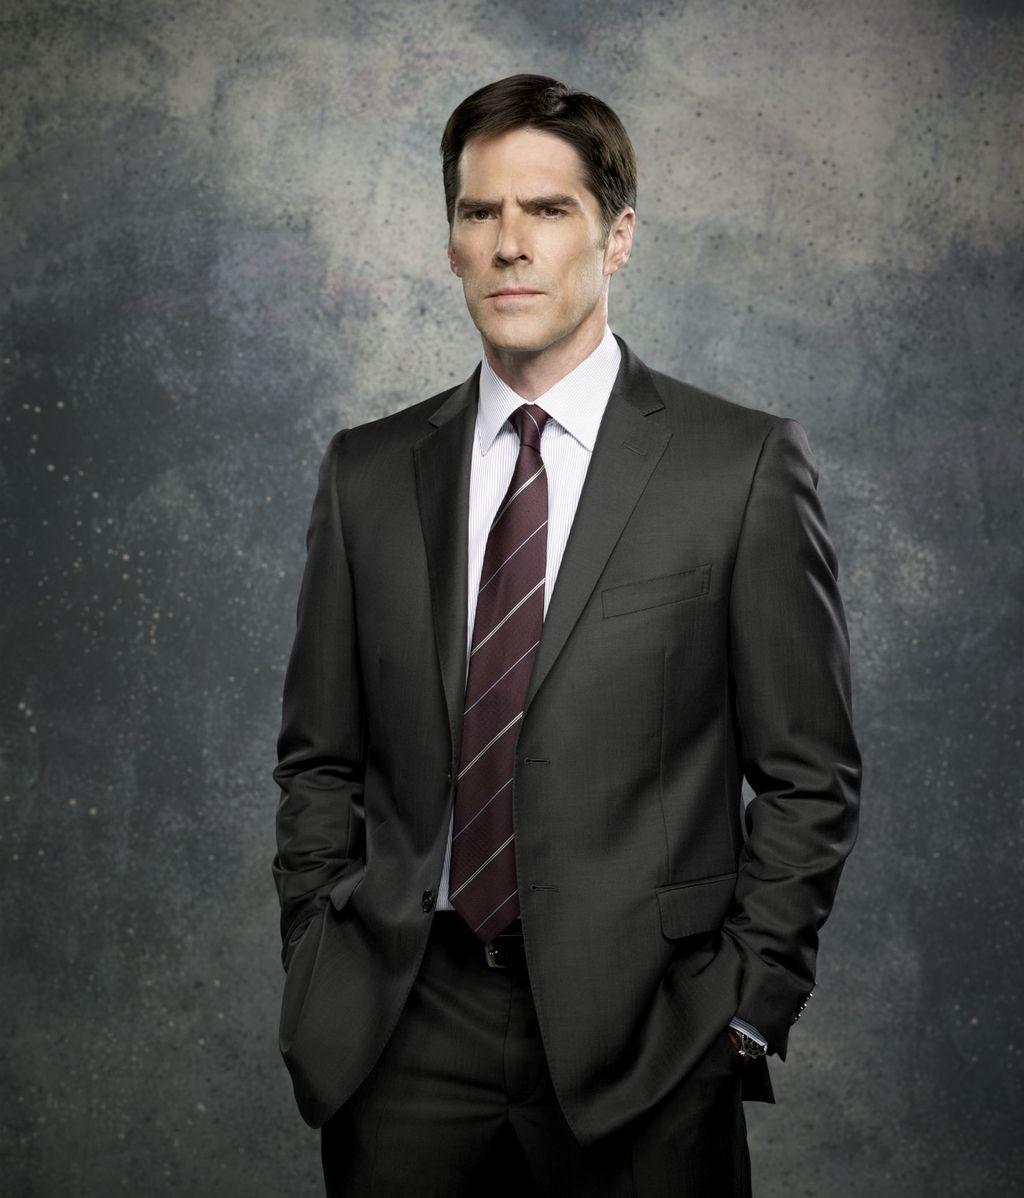 Aaron 'Hotch' Hotchner (interpretado por Thomas Gibson)